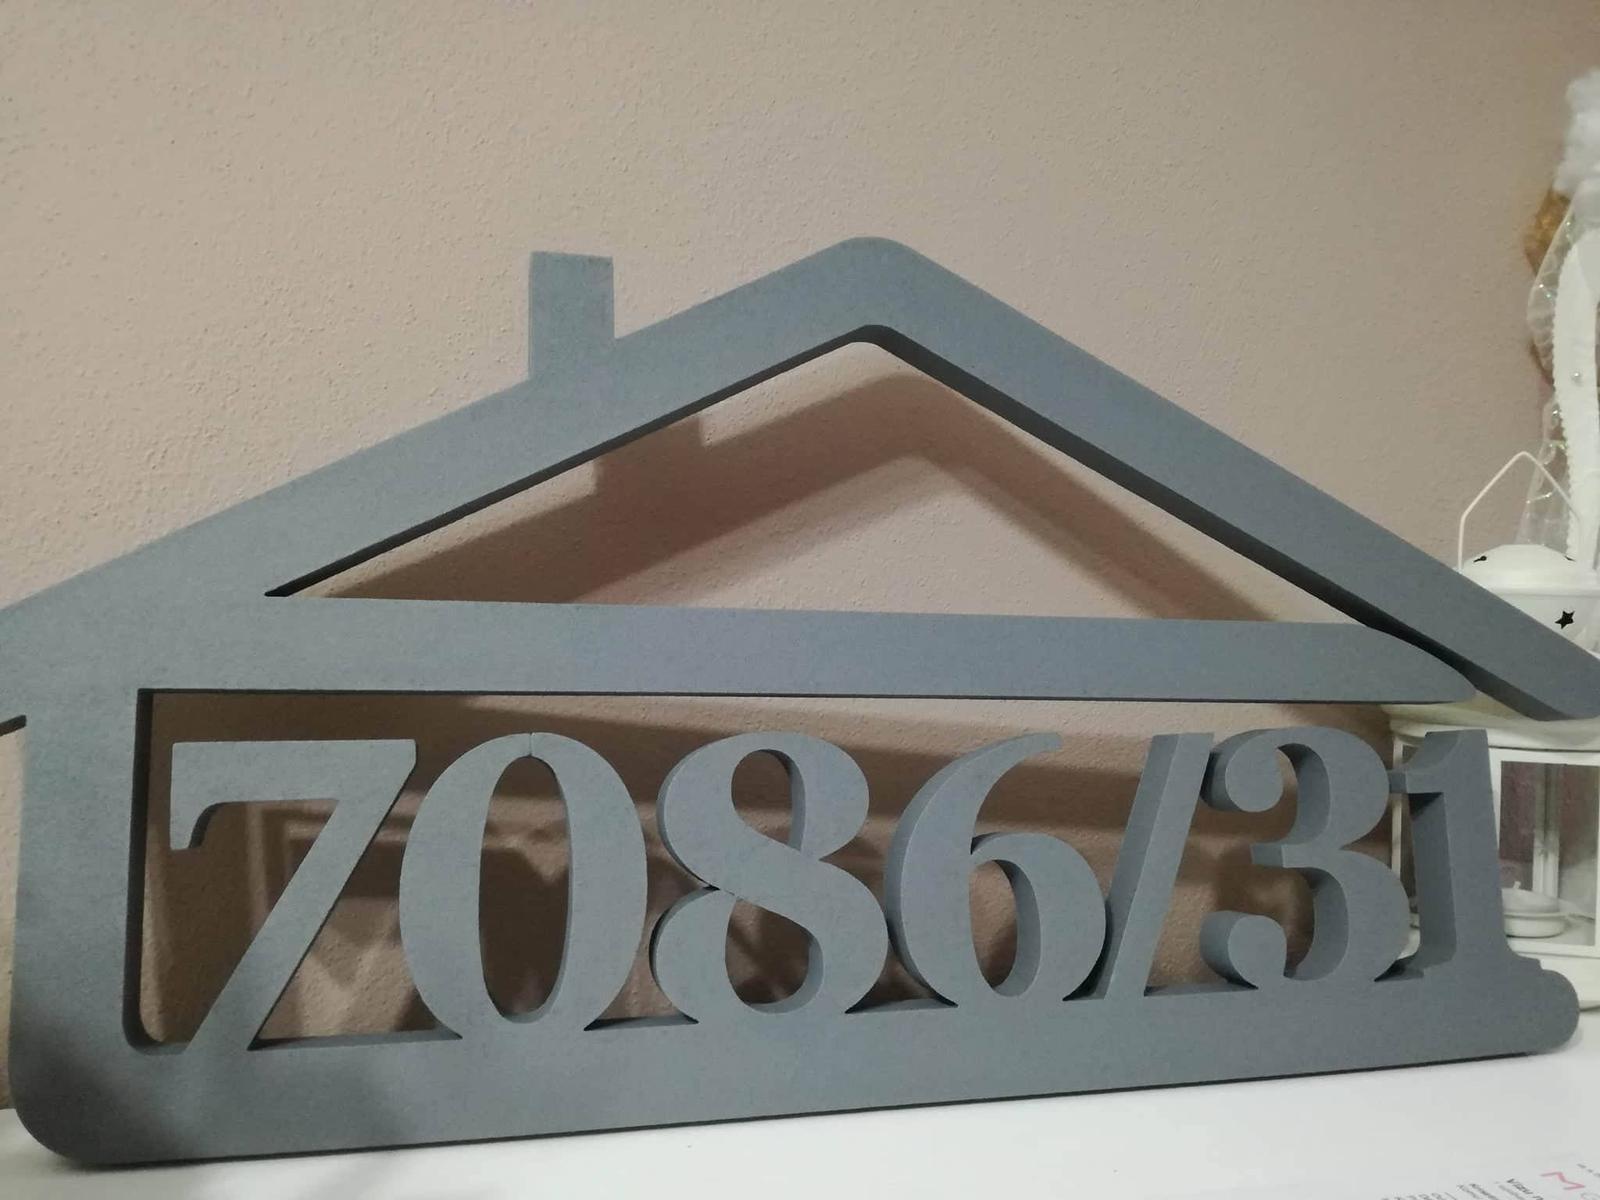 Originálne čísla na dom v domčeku - Obrázok č. 90